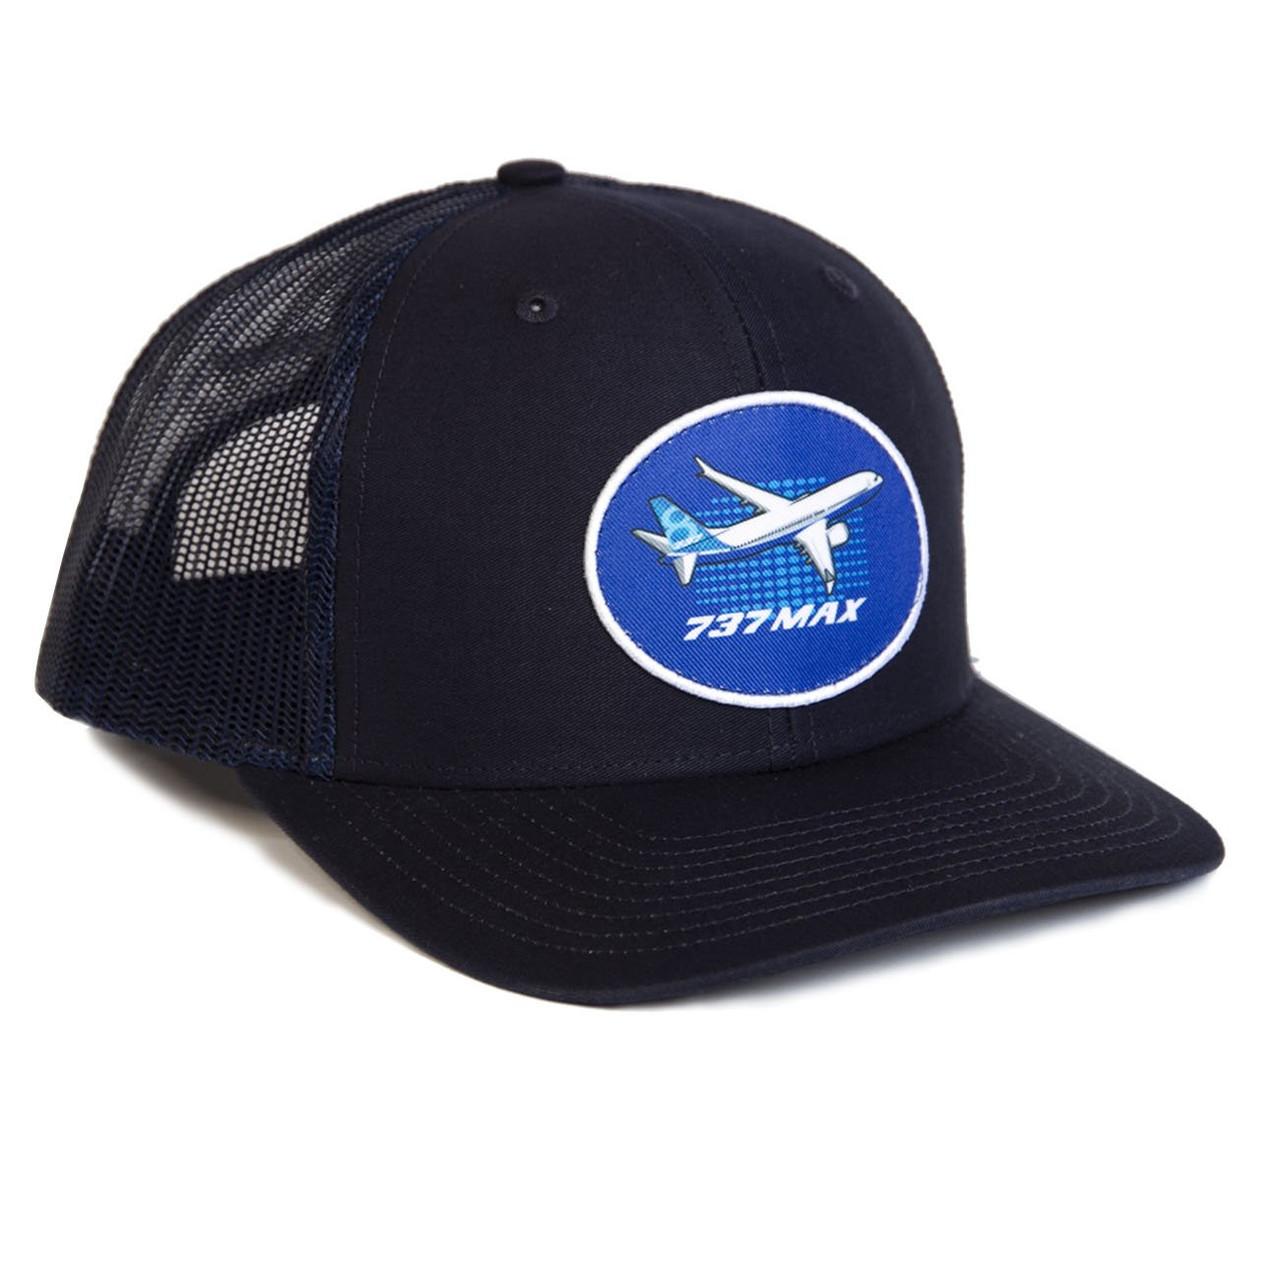 Boeing 737 MAX Illustrated Cap